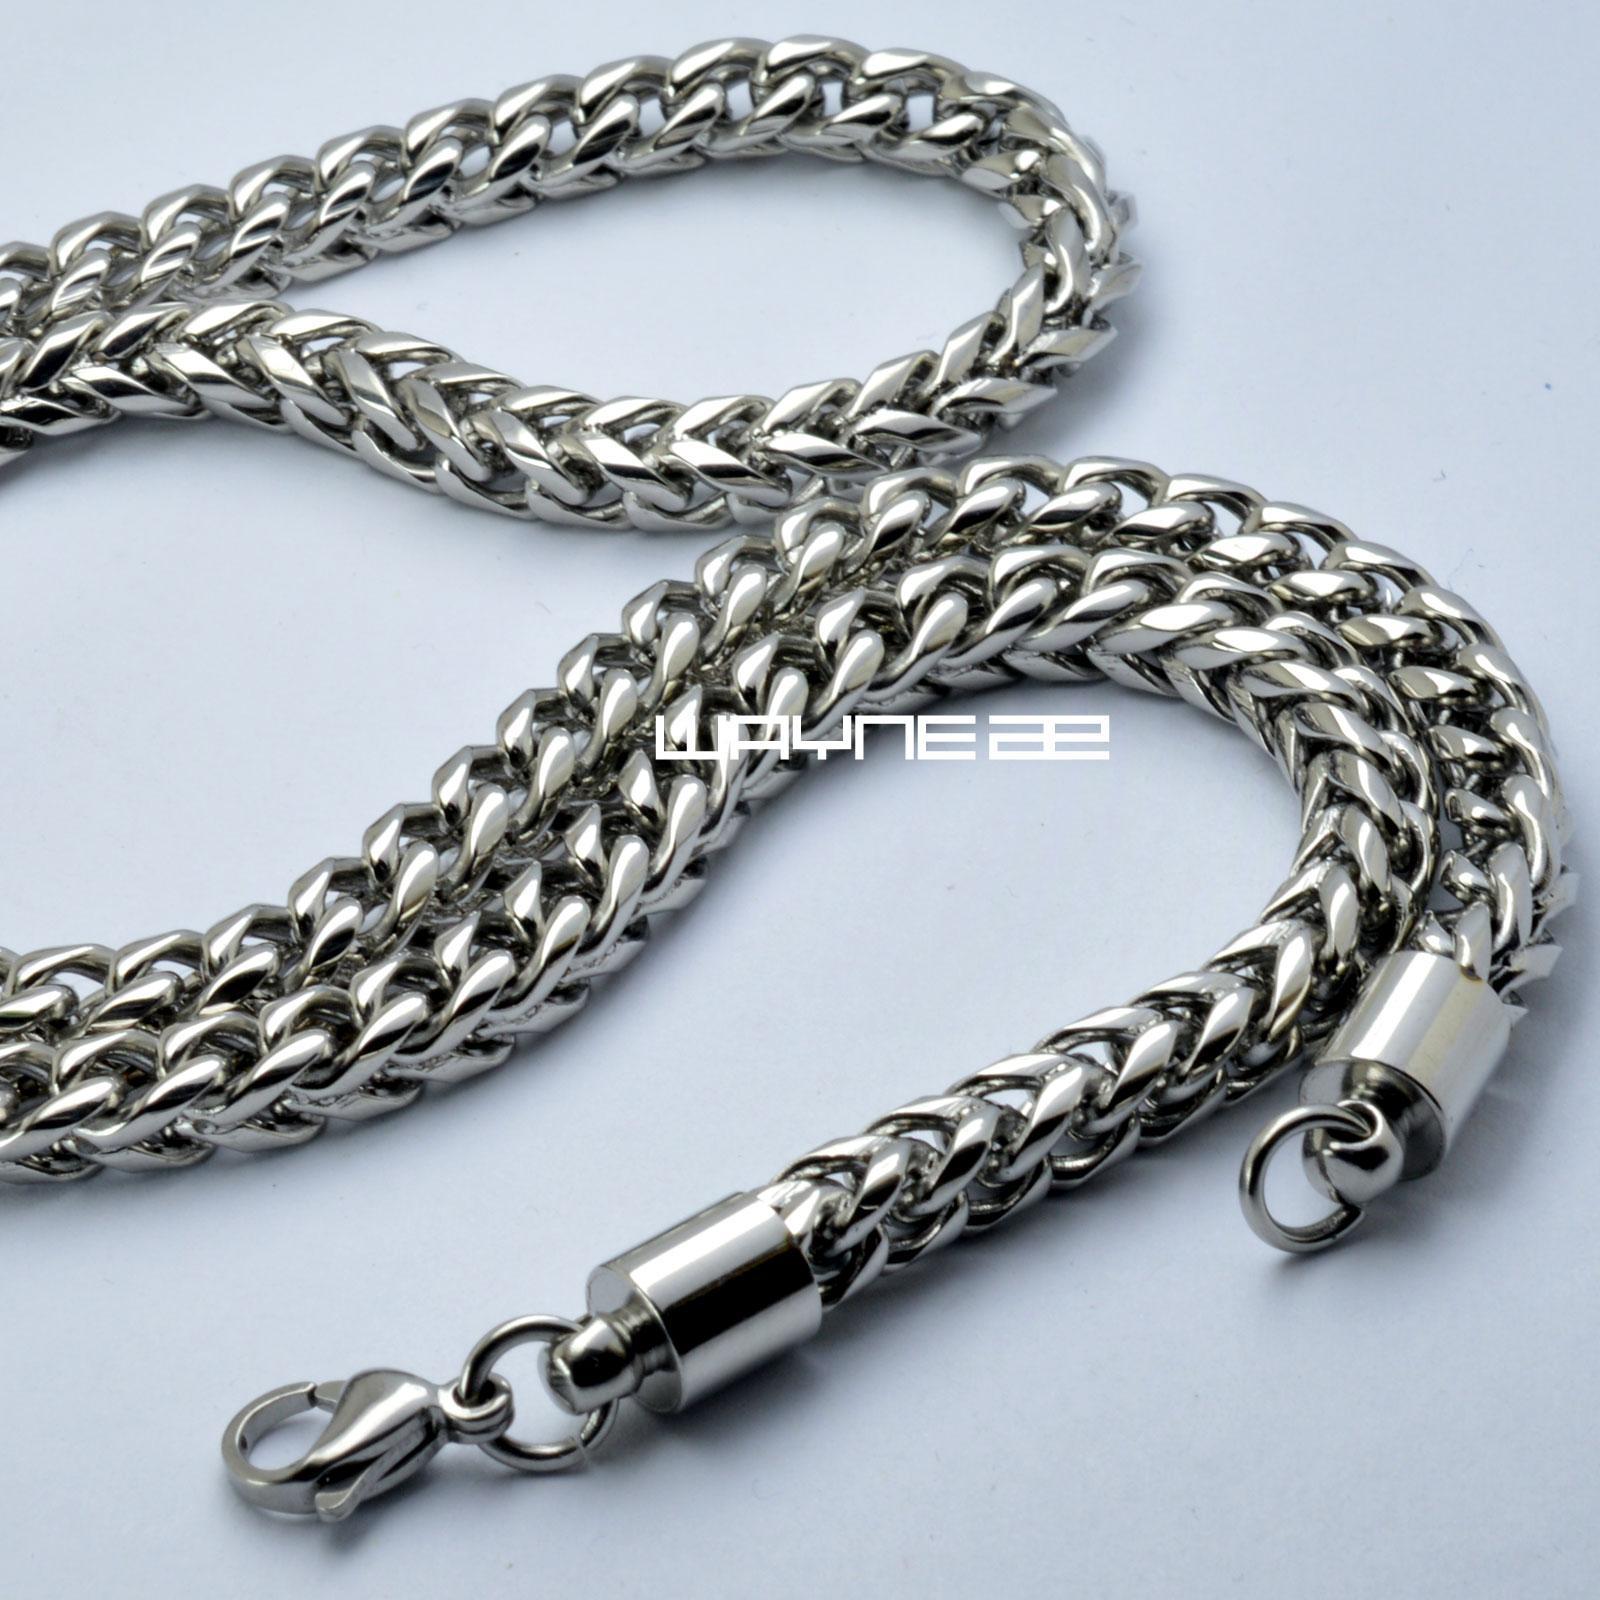 n303-Gioiello a maglie con pendente in acciaio inossidabile pesante da 23,6 pollici color argento